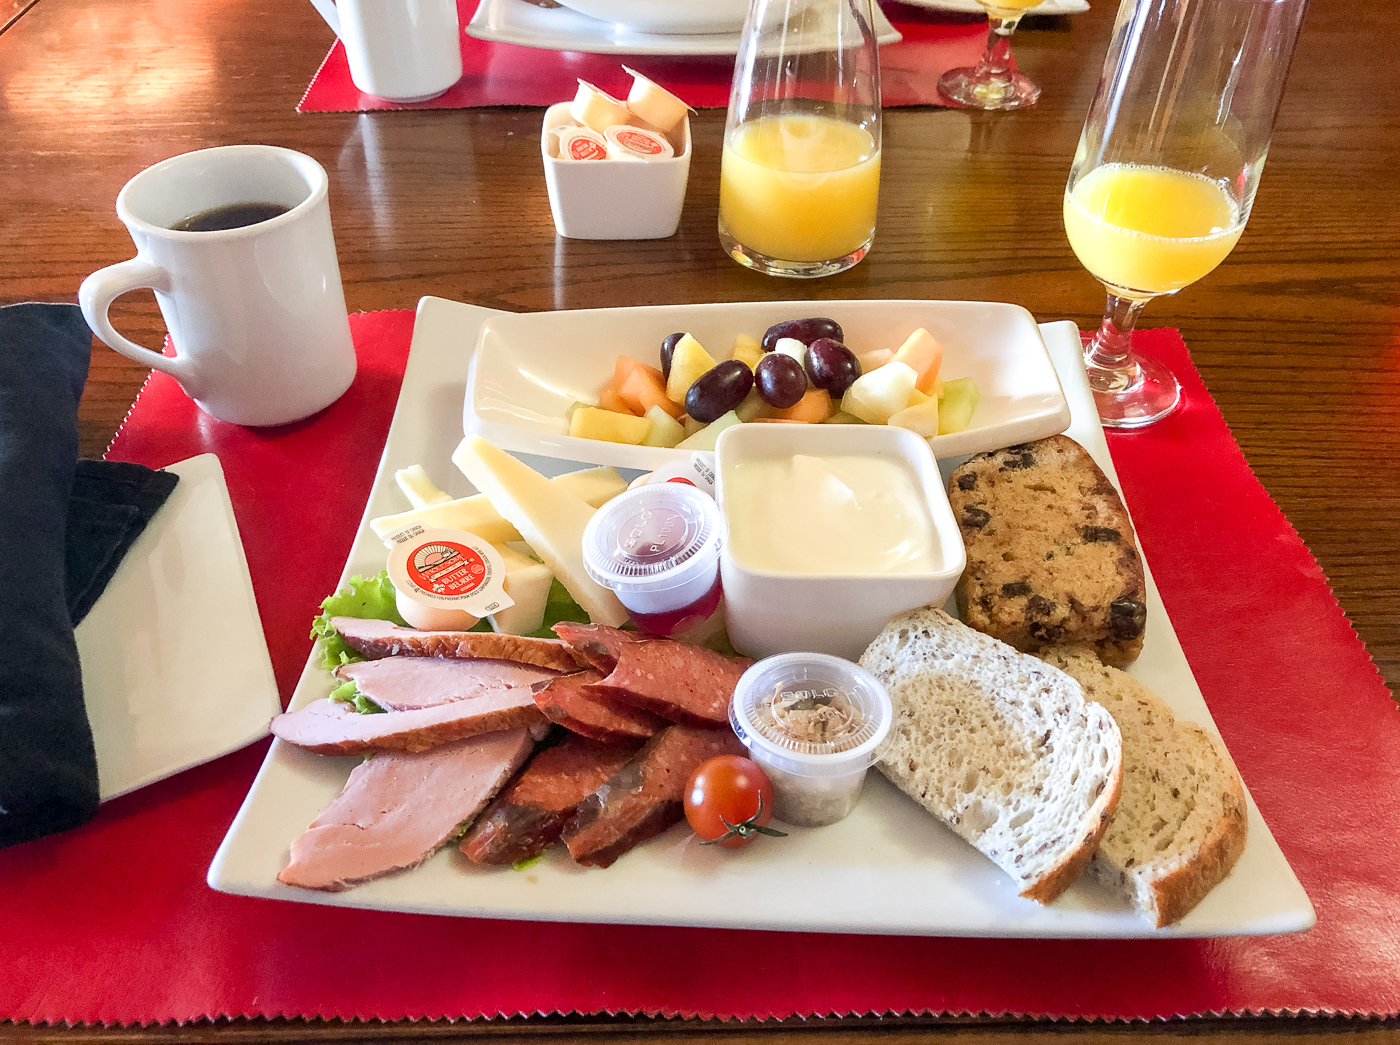 Déjeuner-brunch d'ingrédients locaux À la Bonne Vôtre de Drummondville